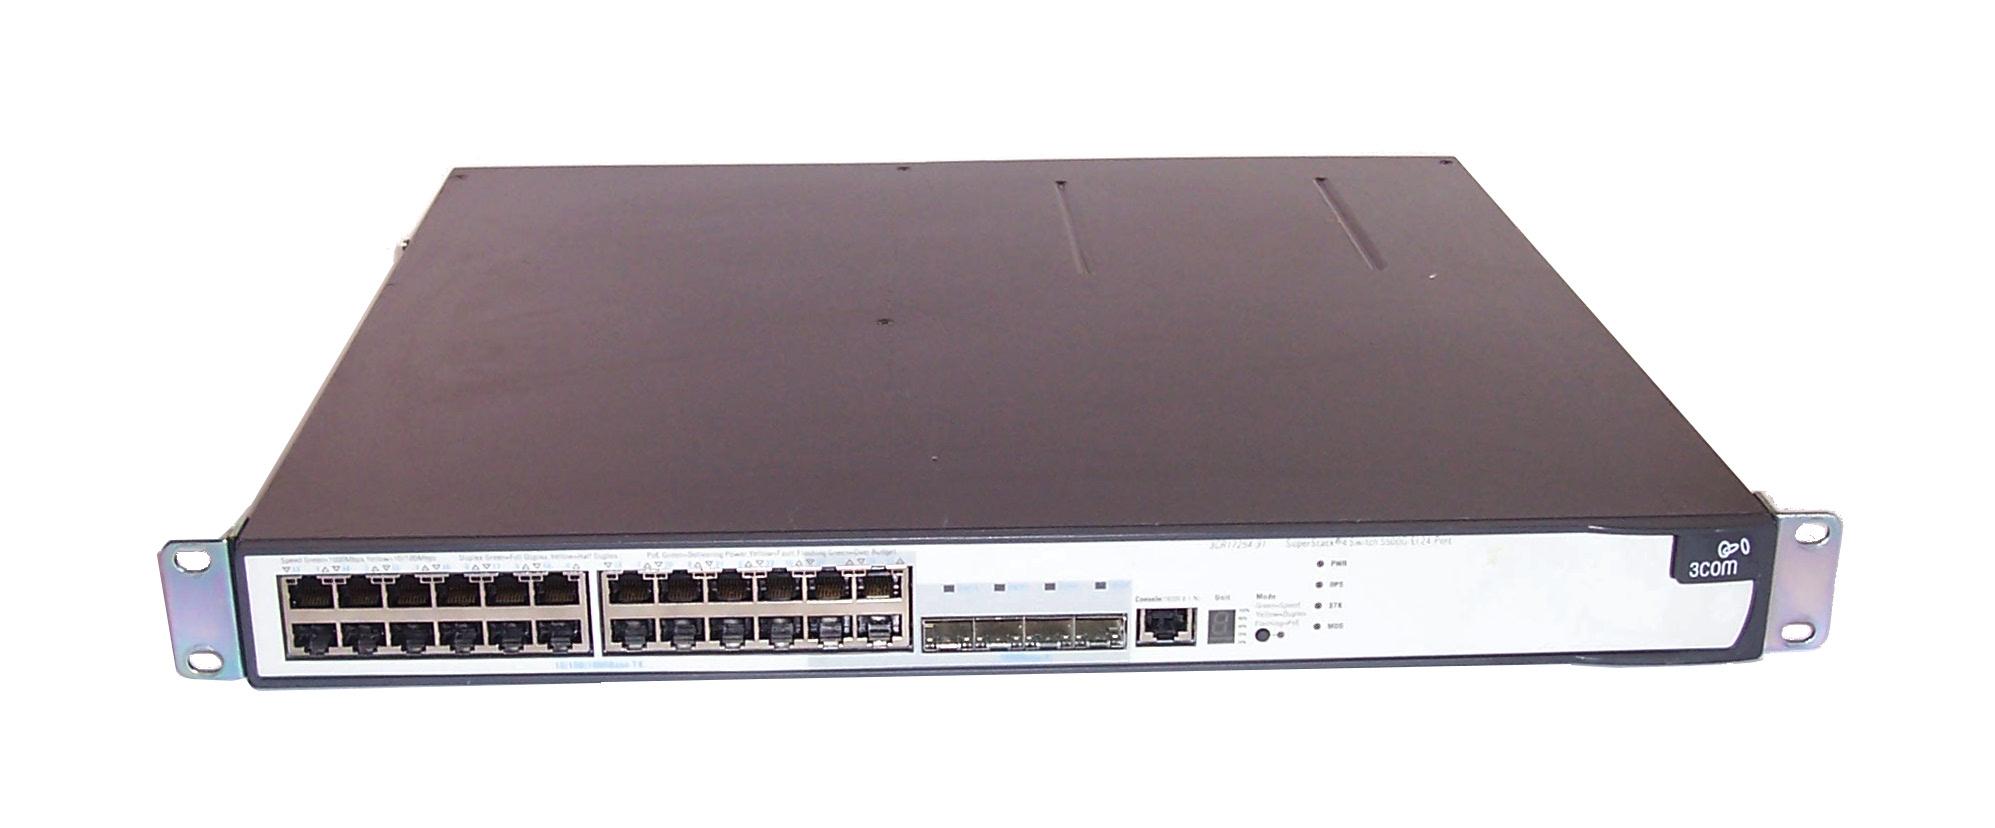 3com 3cr17250 91 3cr17254 91 superstack 4 5500g ei 24 port for 3 com switch